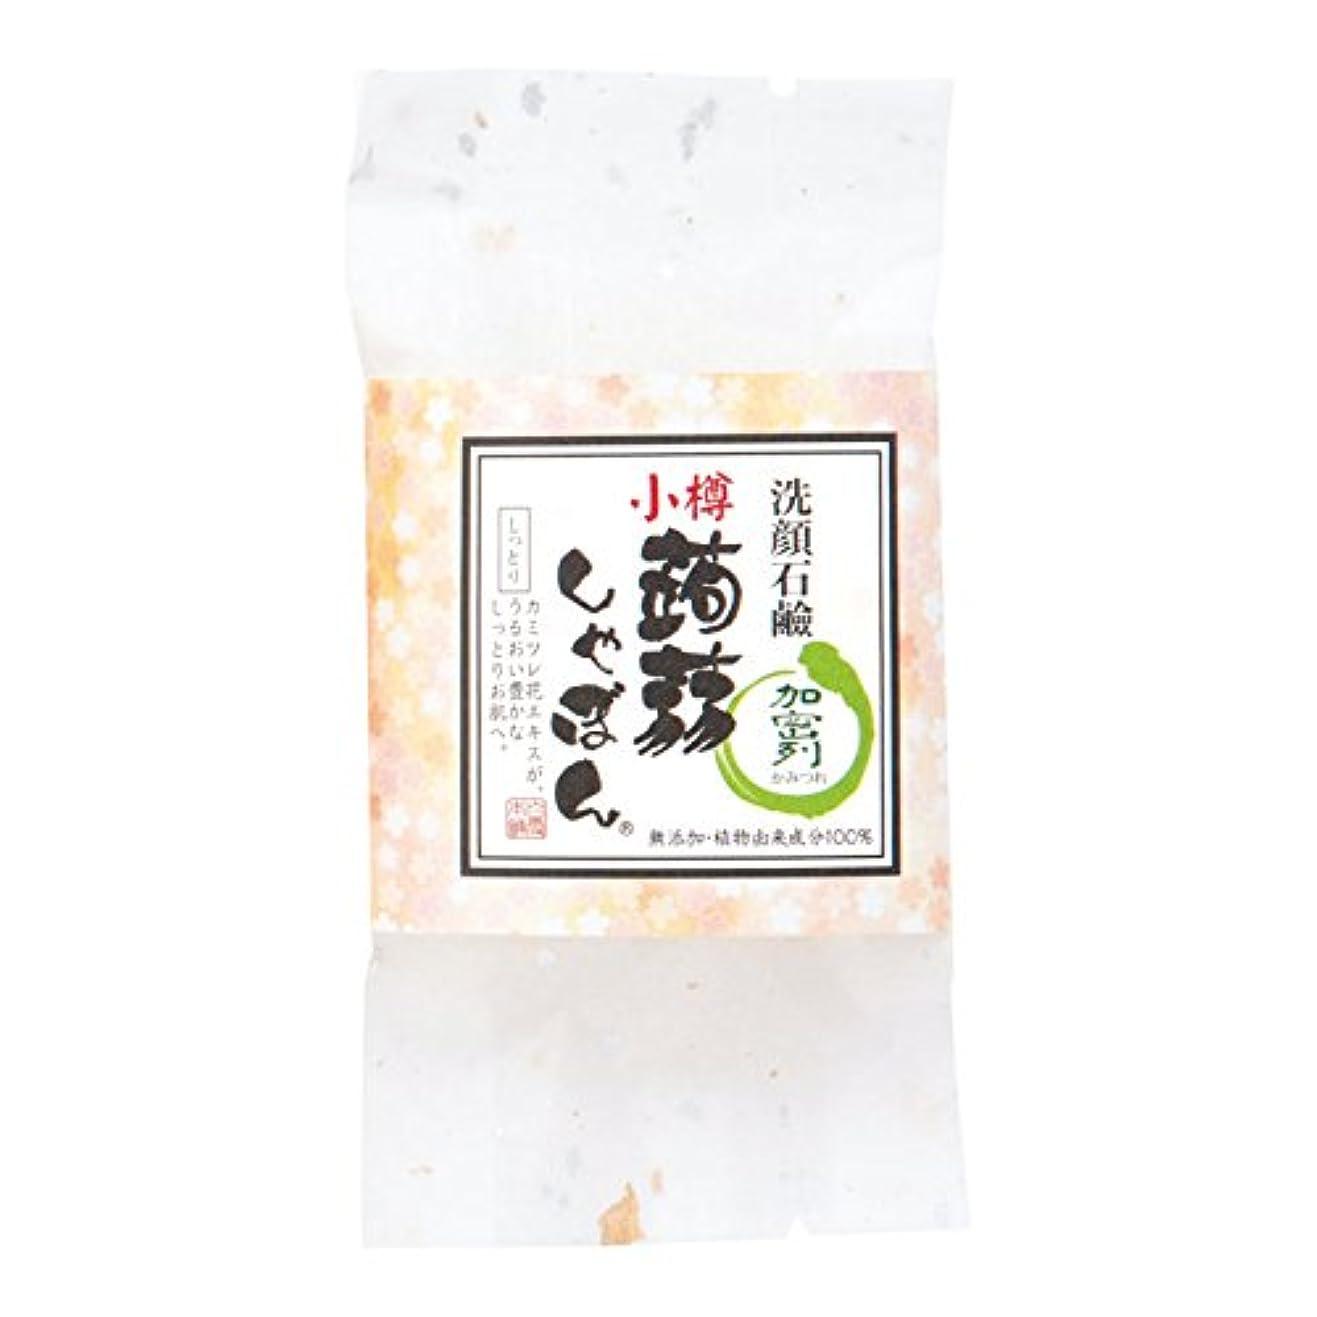 ねじれ簡略化する副詞小樽蒟蒻しゃぼん小樽 加密列(かみつれ)